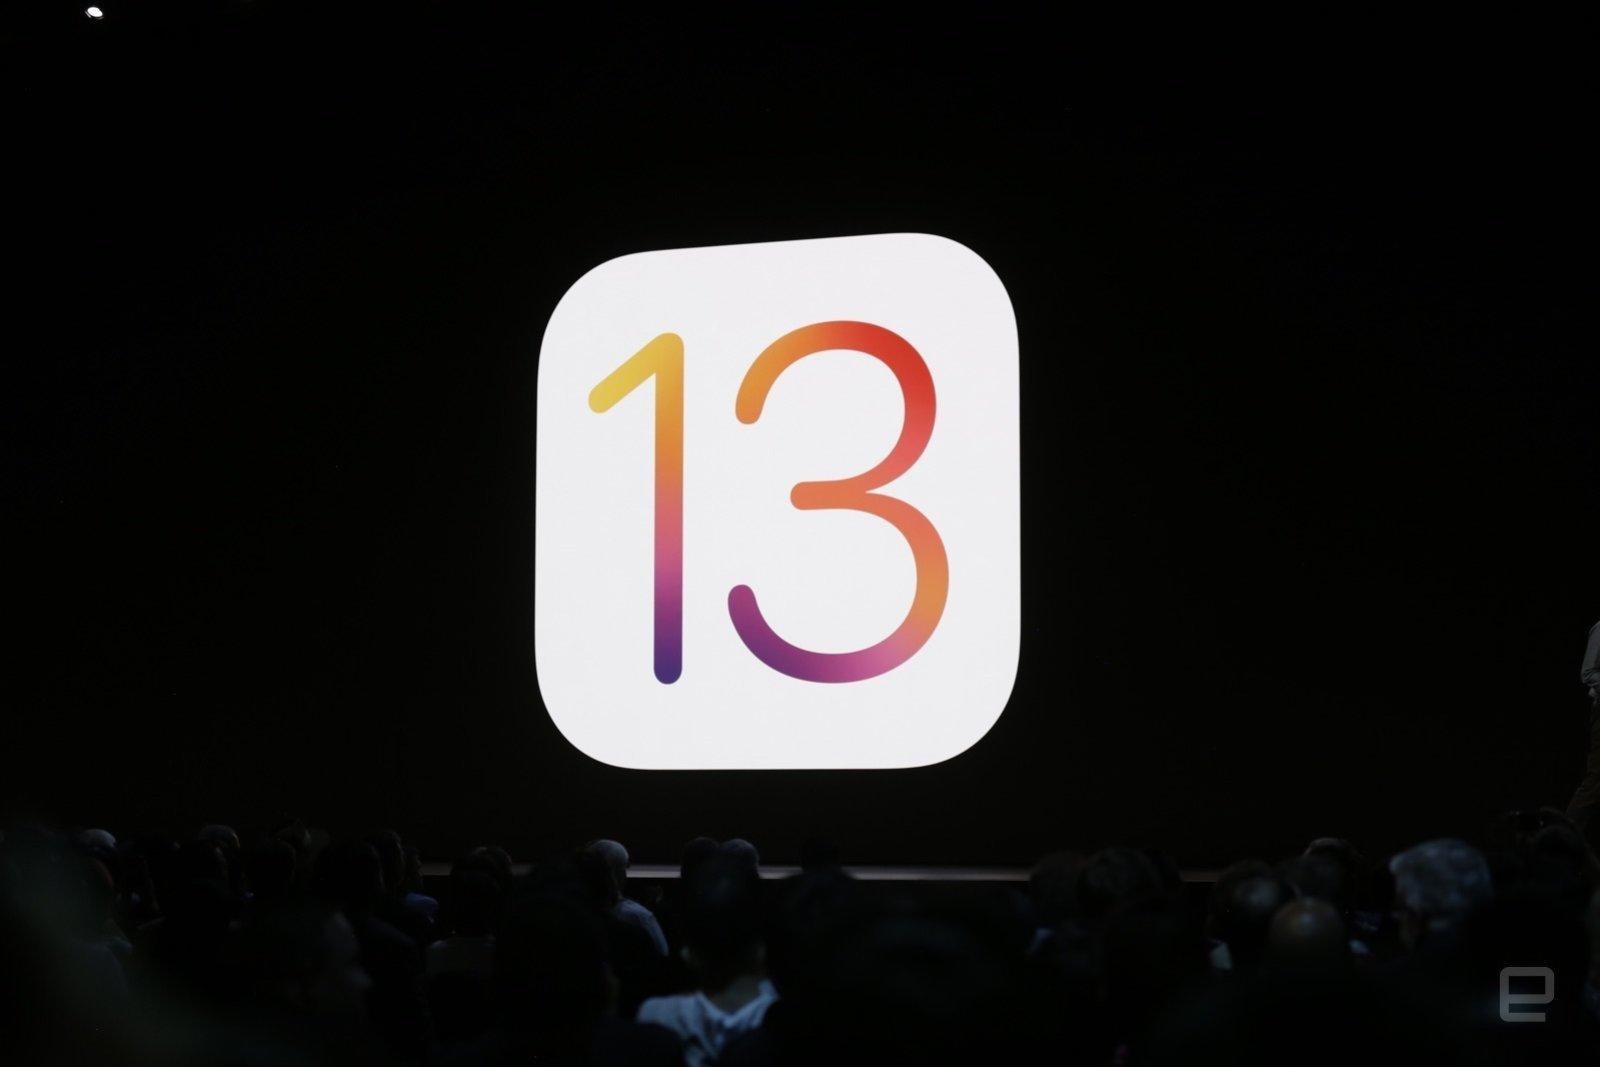 iOS 13 introduserer en genial funksjon for å gjøre livet ditt enklere